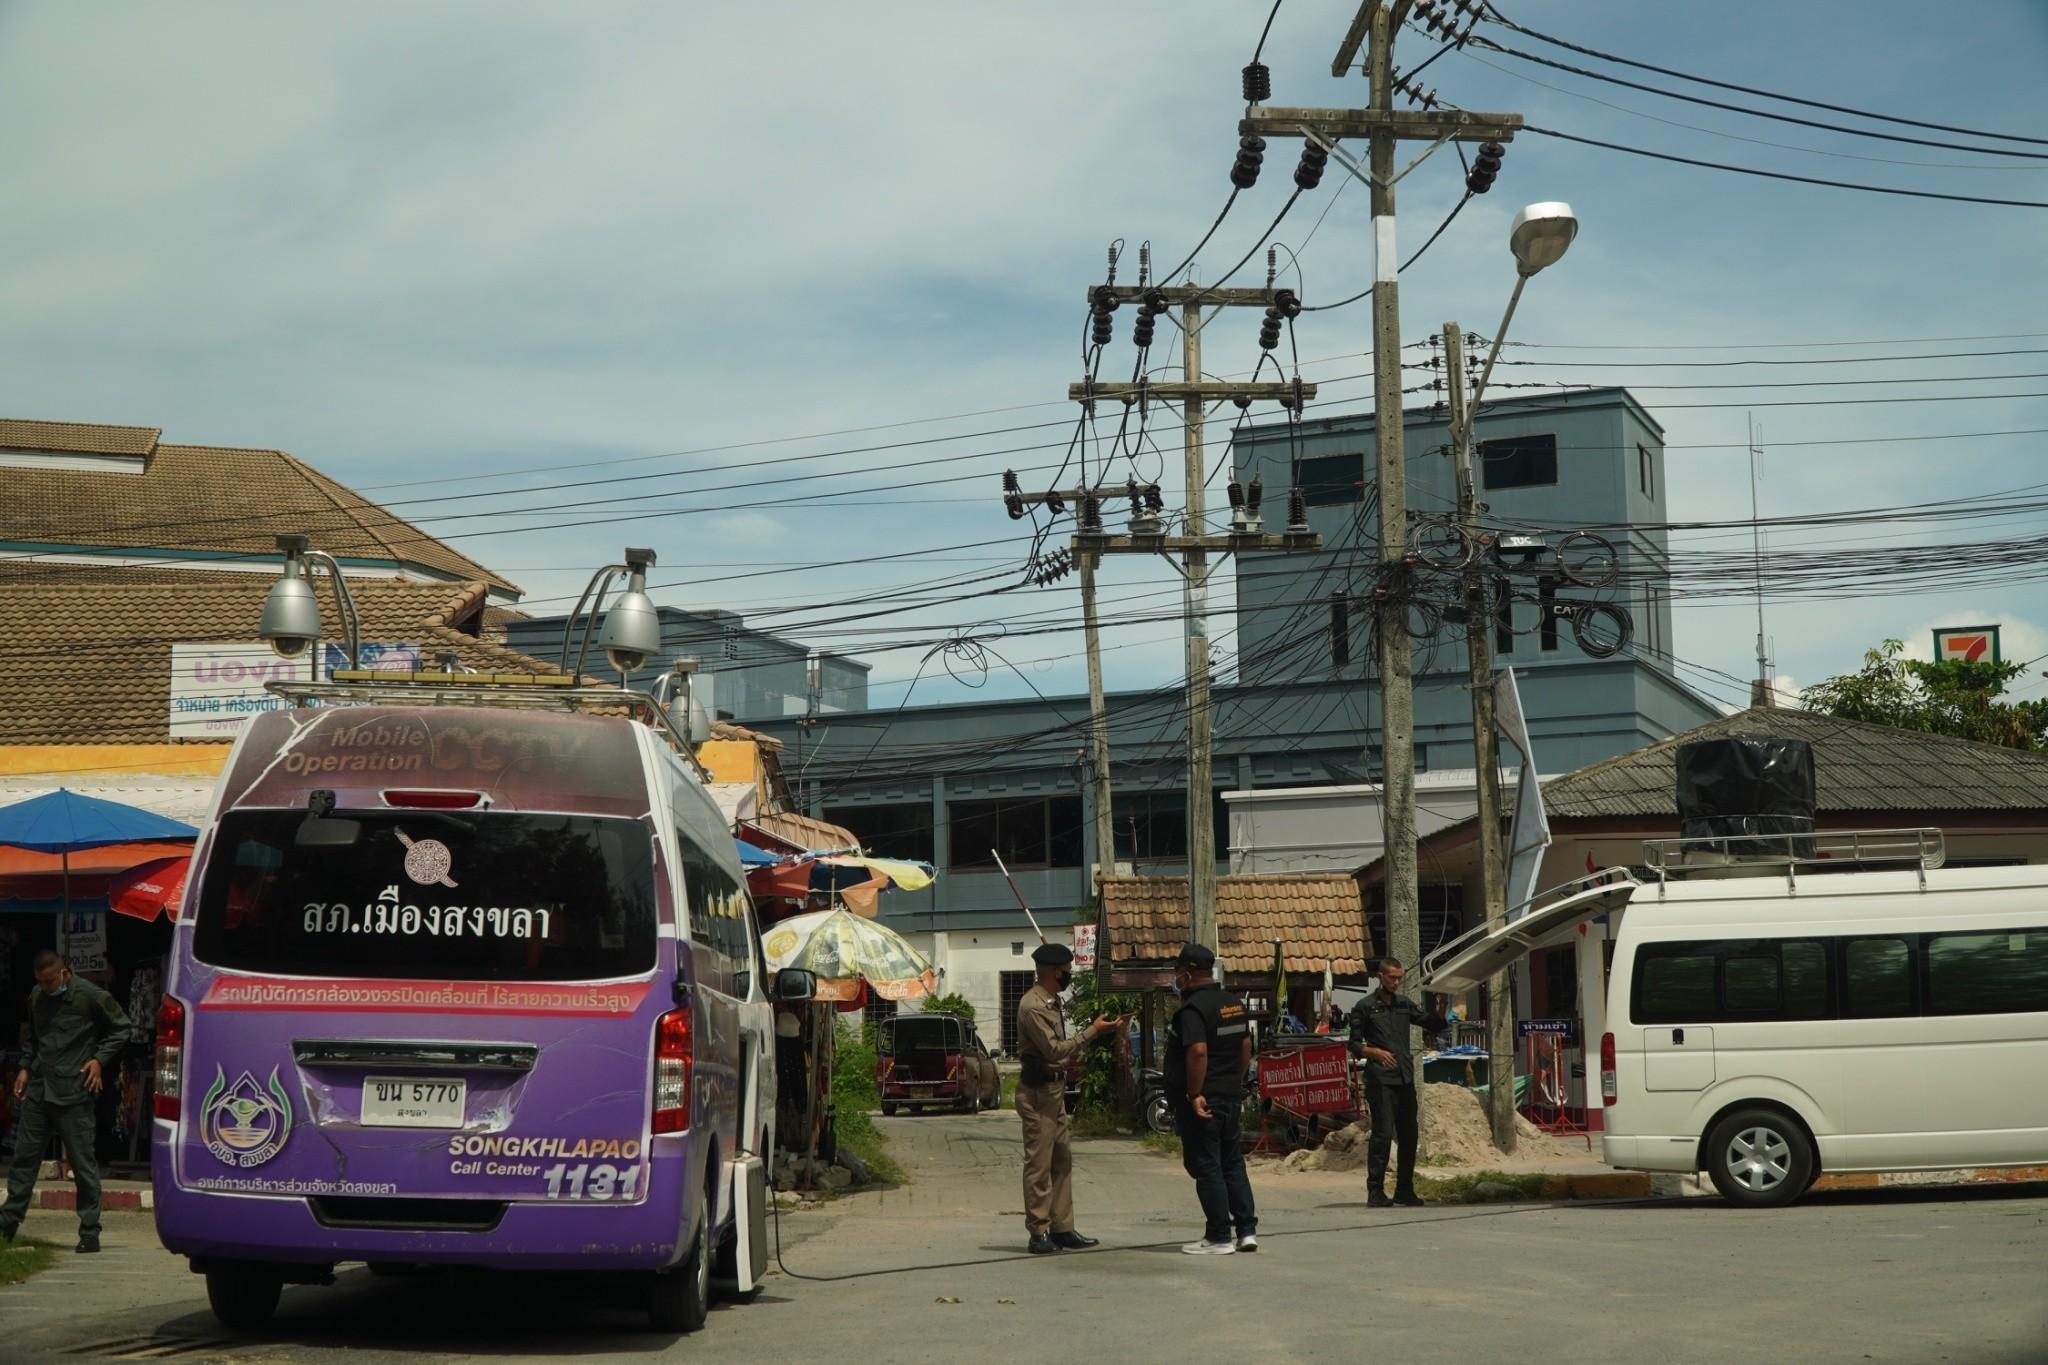 จ.สงขลา เยาวชนรวมตัวแสดงสัญลักษณ์ #สงขลาไม่เอาTOO บริเวณศาลาไทย รูปปั้นนางเงือก ริมชายหาดสมิหลา